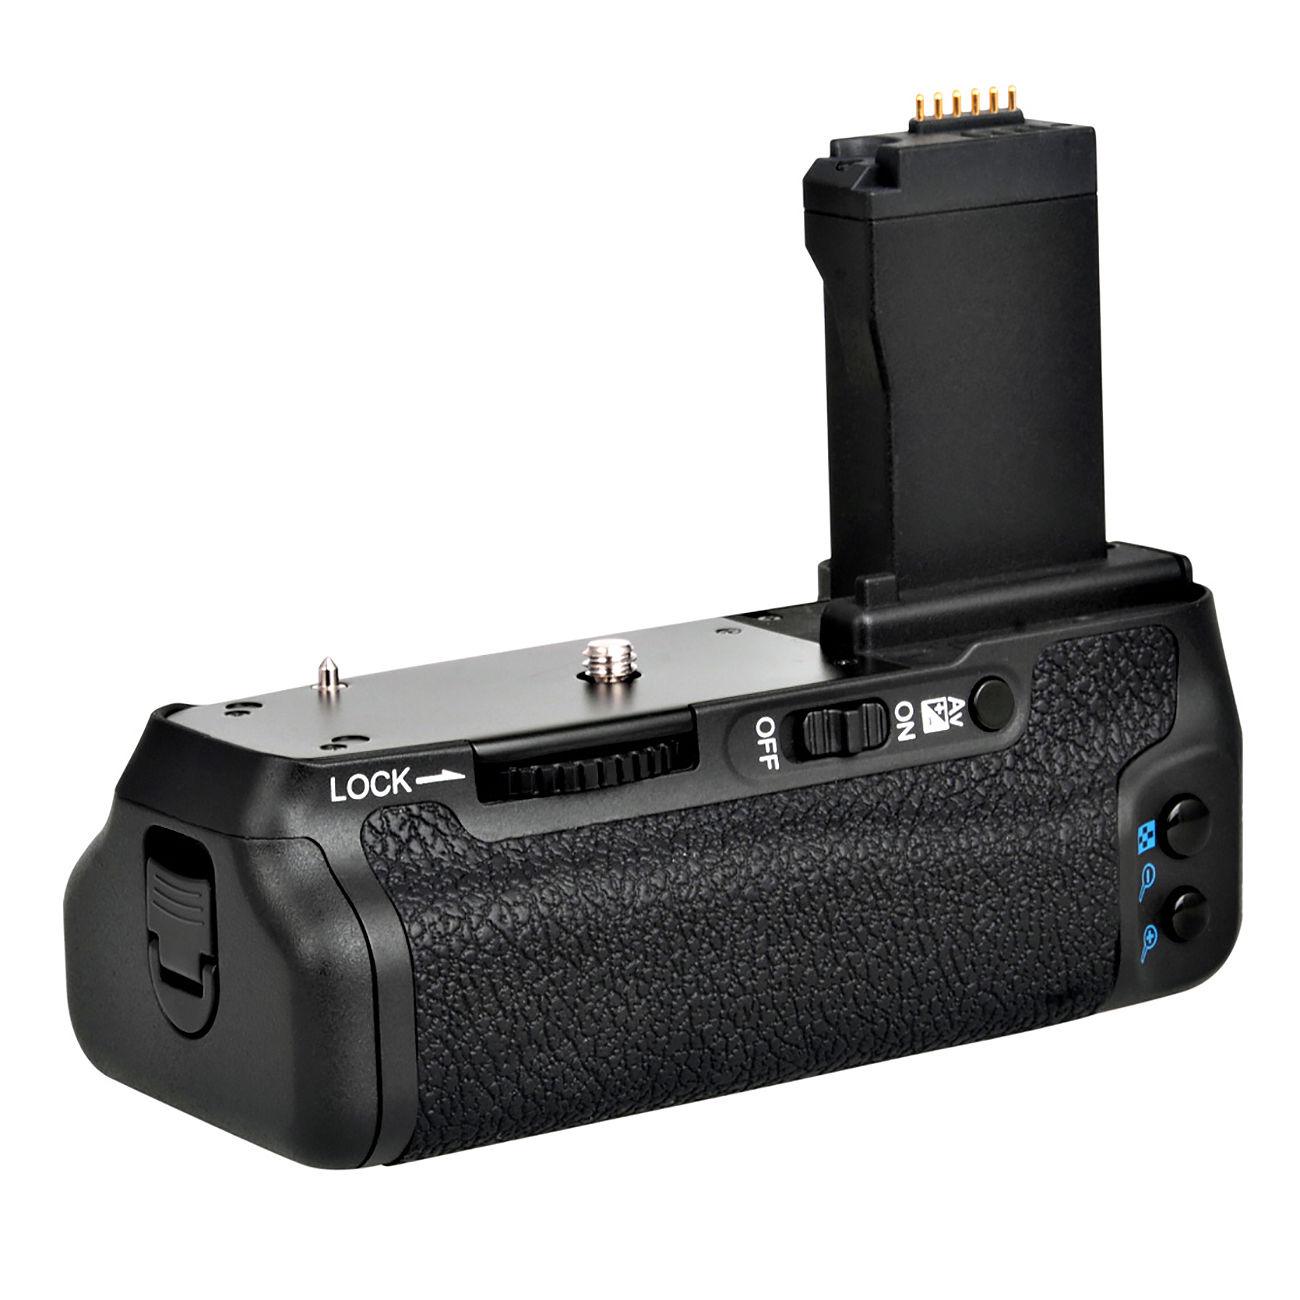 Meike MK-760d support Vertical de poignée de batterie pour canon 750D 760D rebelle T6i T6s caméra LP-E17 comme BG-E18